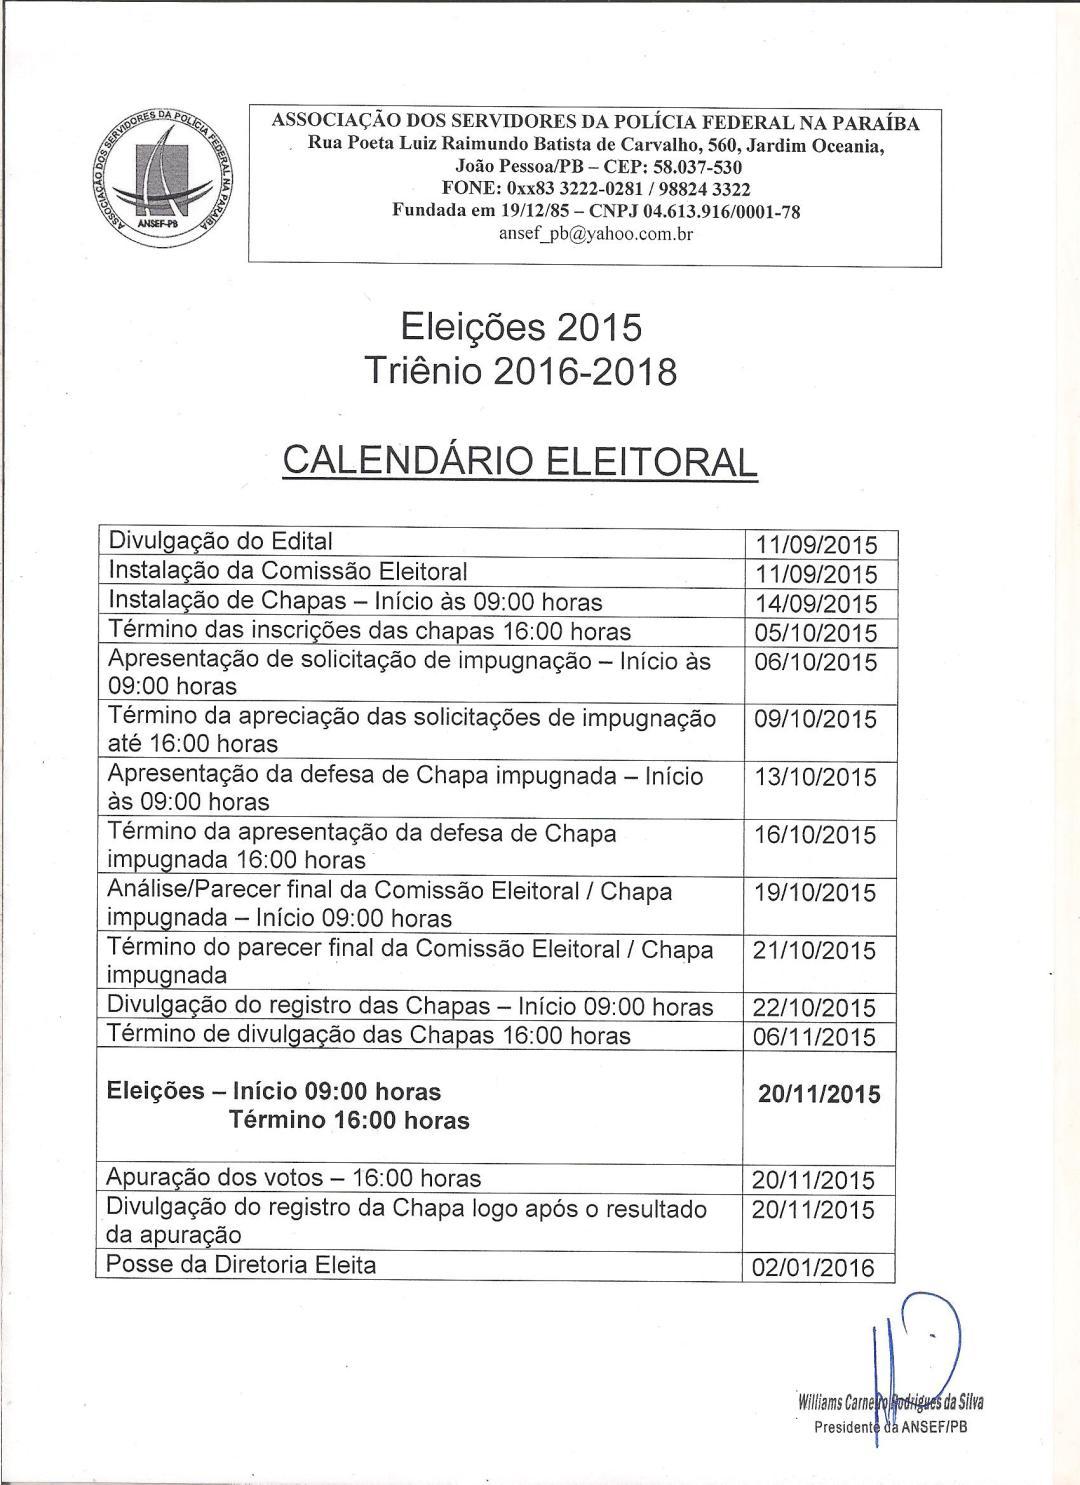 calendário eleitoral 001